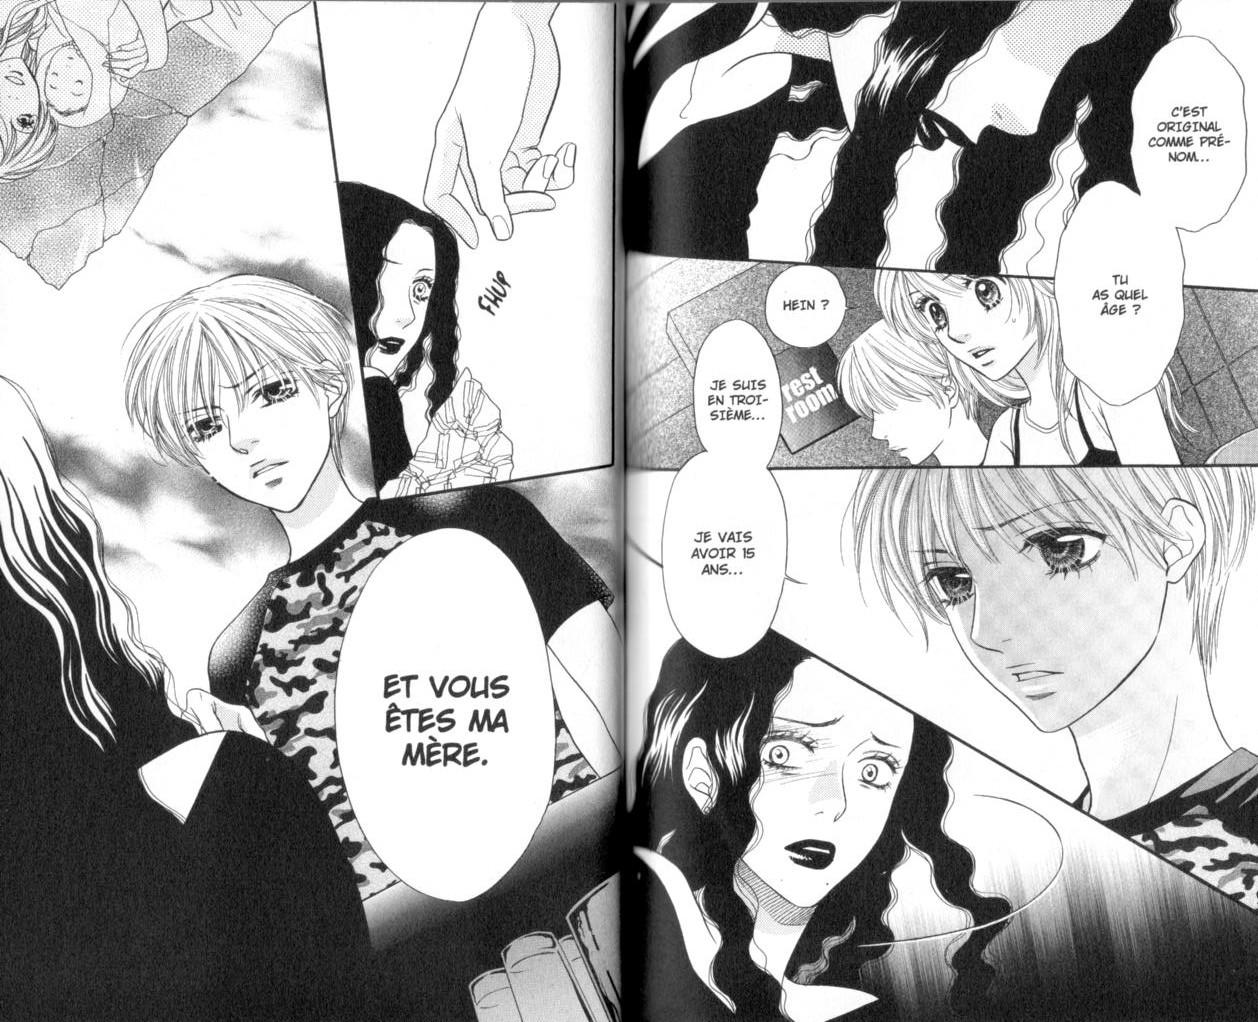 https://nine.mangadogs.com/fr_manga/pic2/56/12344/525016/DsirMAX28VF_11_433.jpg Page 12